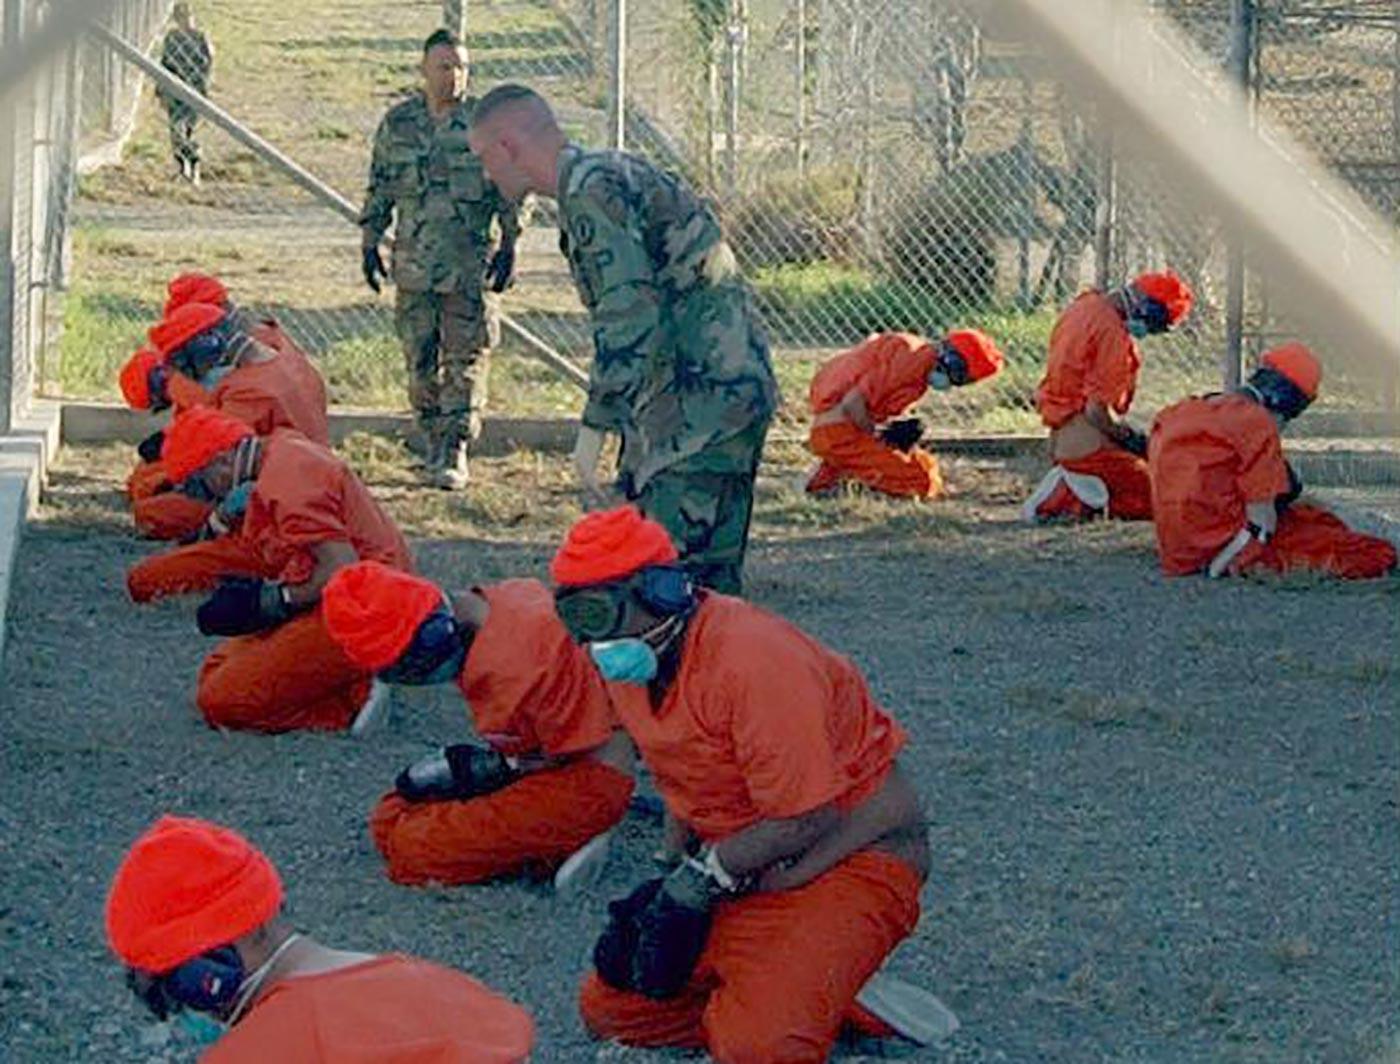 Quindici anni dopo, e il campo di prigionia di Guantánamo è ancora aperto